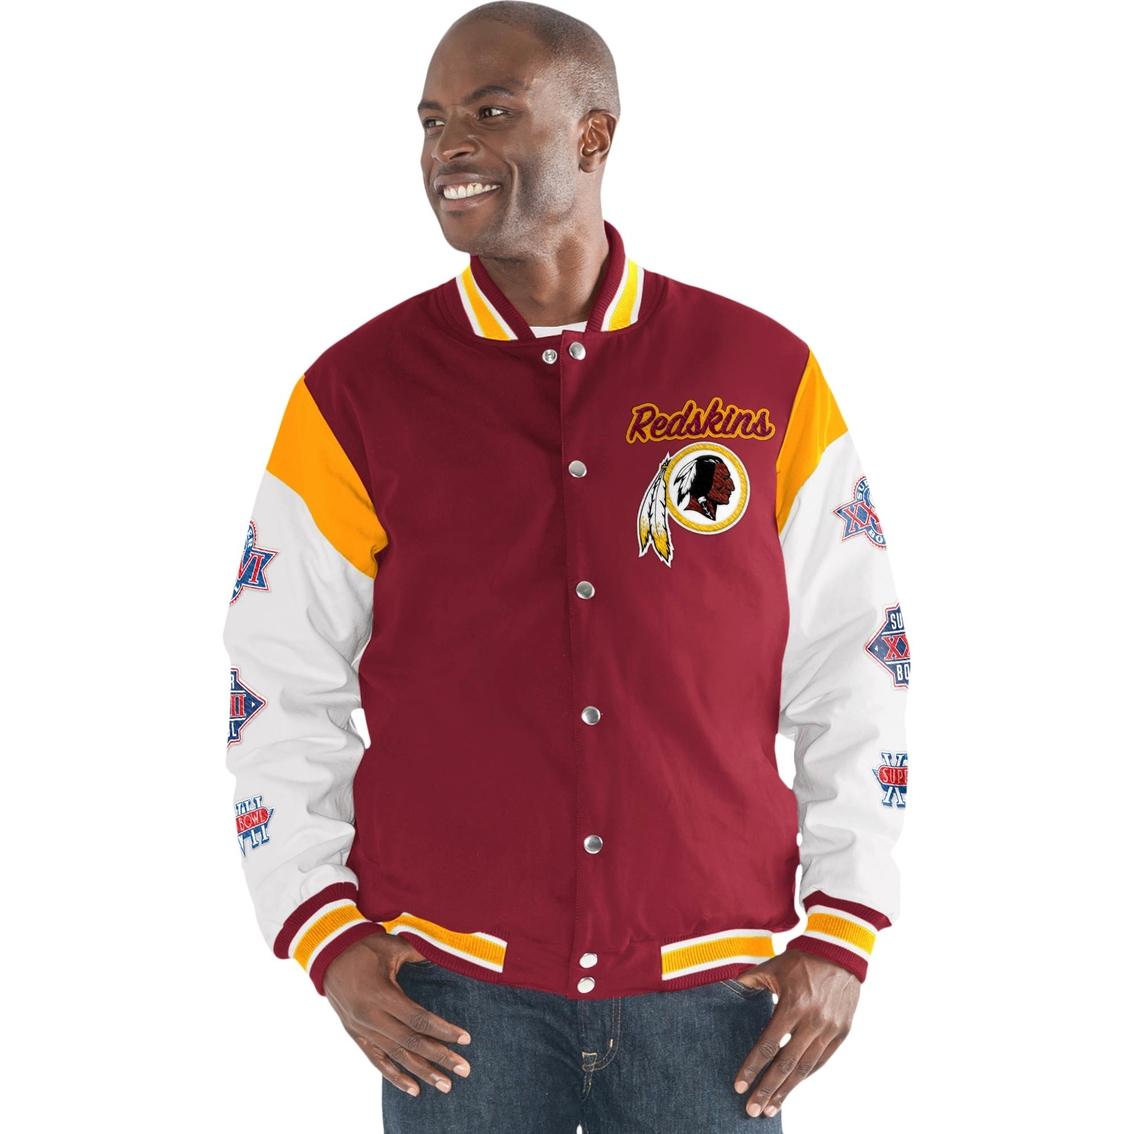 new style e4bac a18a4 G-iii Sports Nfl Washington Redskins Team Elite ...